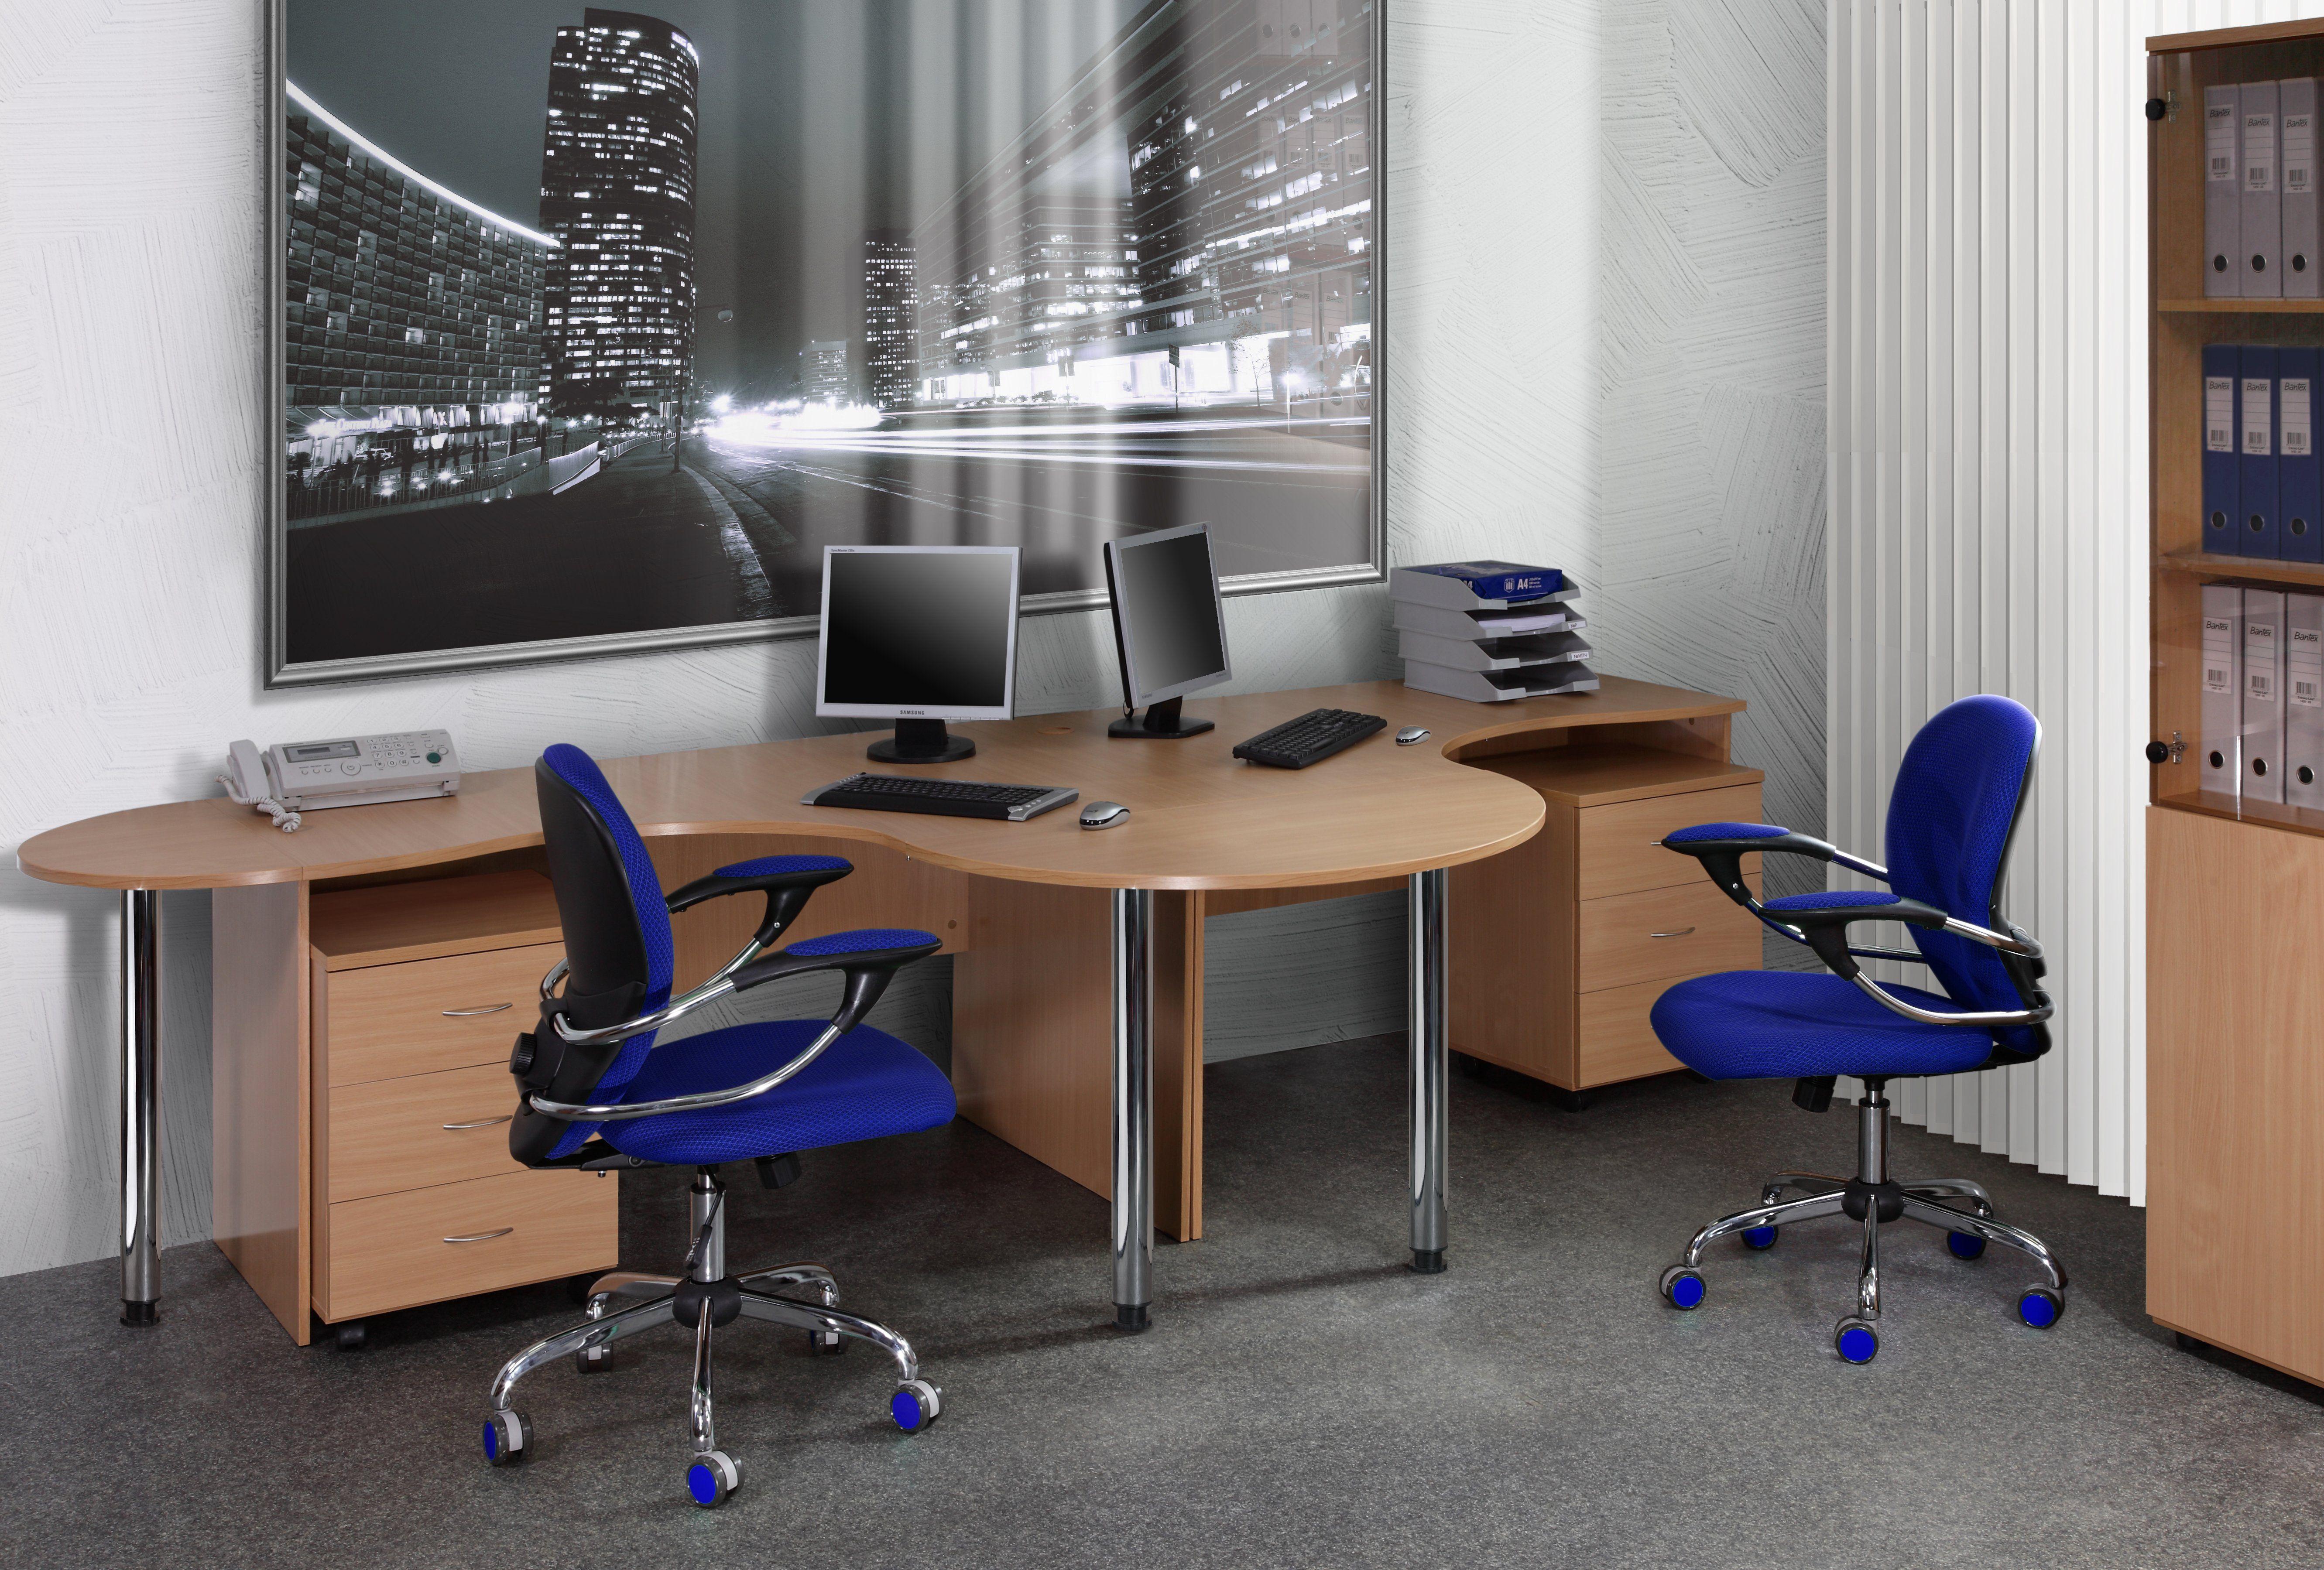 фото компьютерный стол на два рабочих места источника света цветными